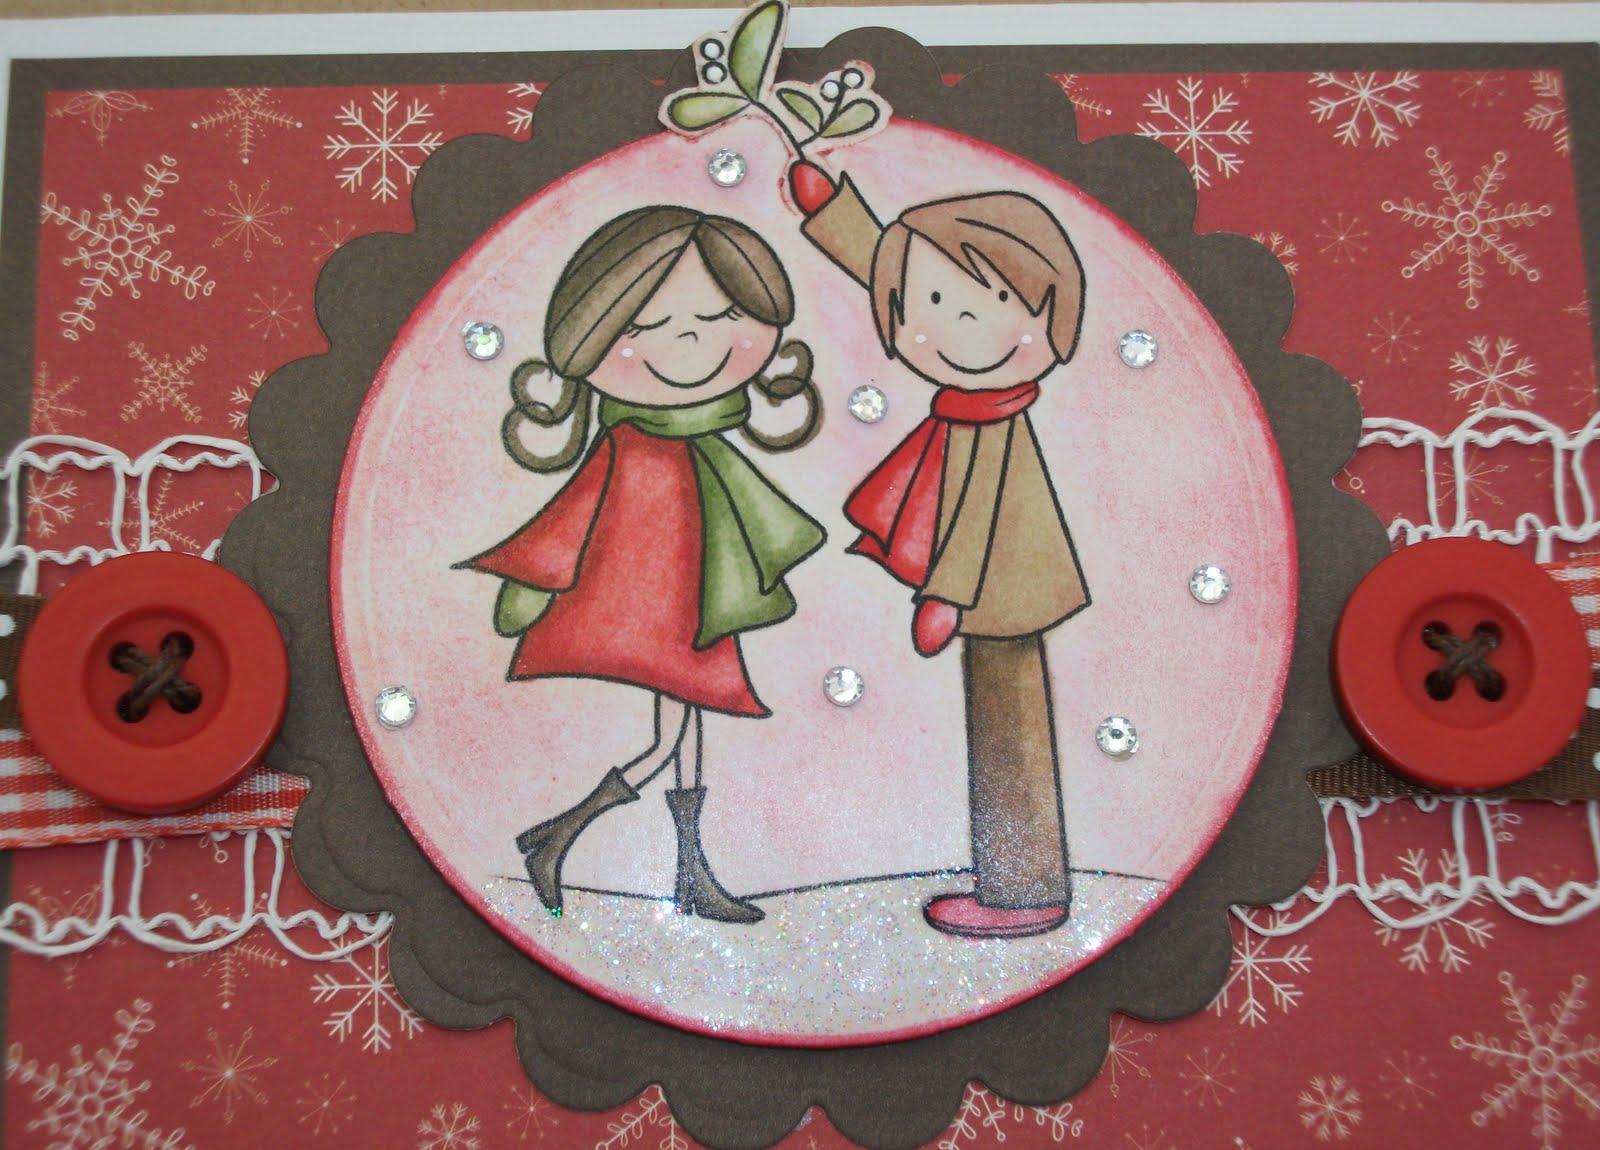 http://4.bp.blogspot.com/_gROCxnb25zA/TIYSTpmhDGI/AAAAAAAABHo/Cd71SBm5n44/s1600/Christmas+kiss+2.jpg